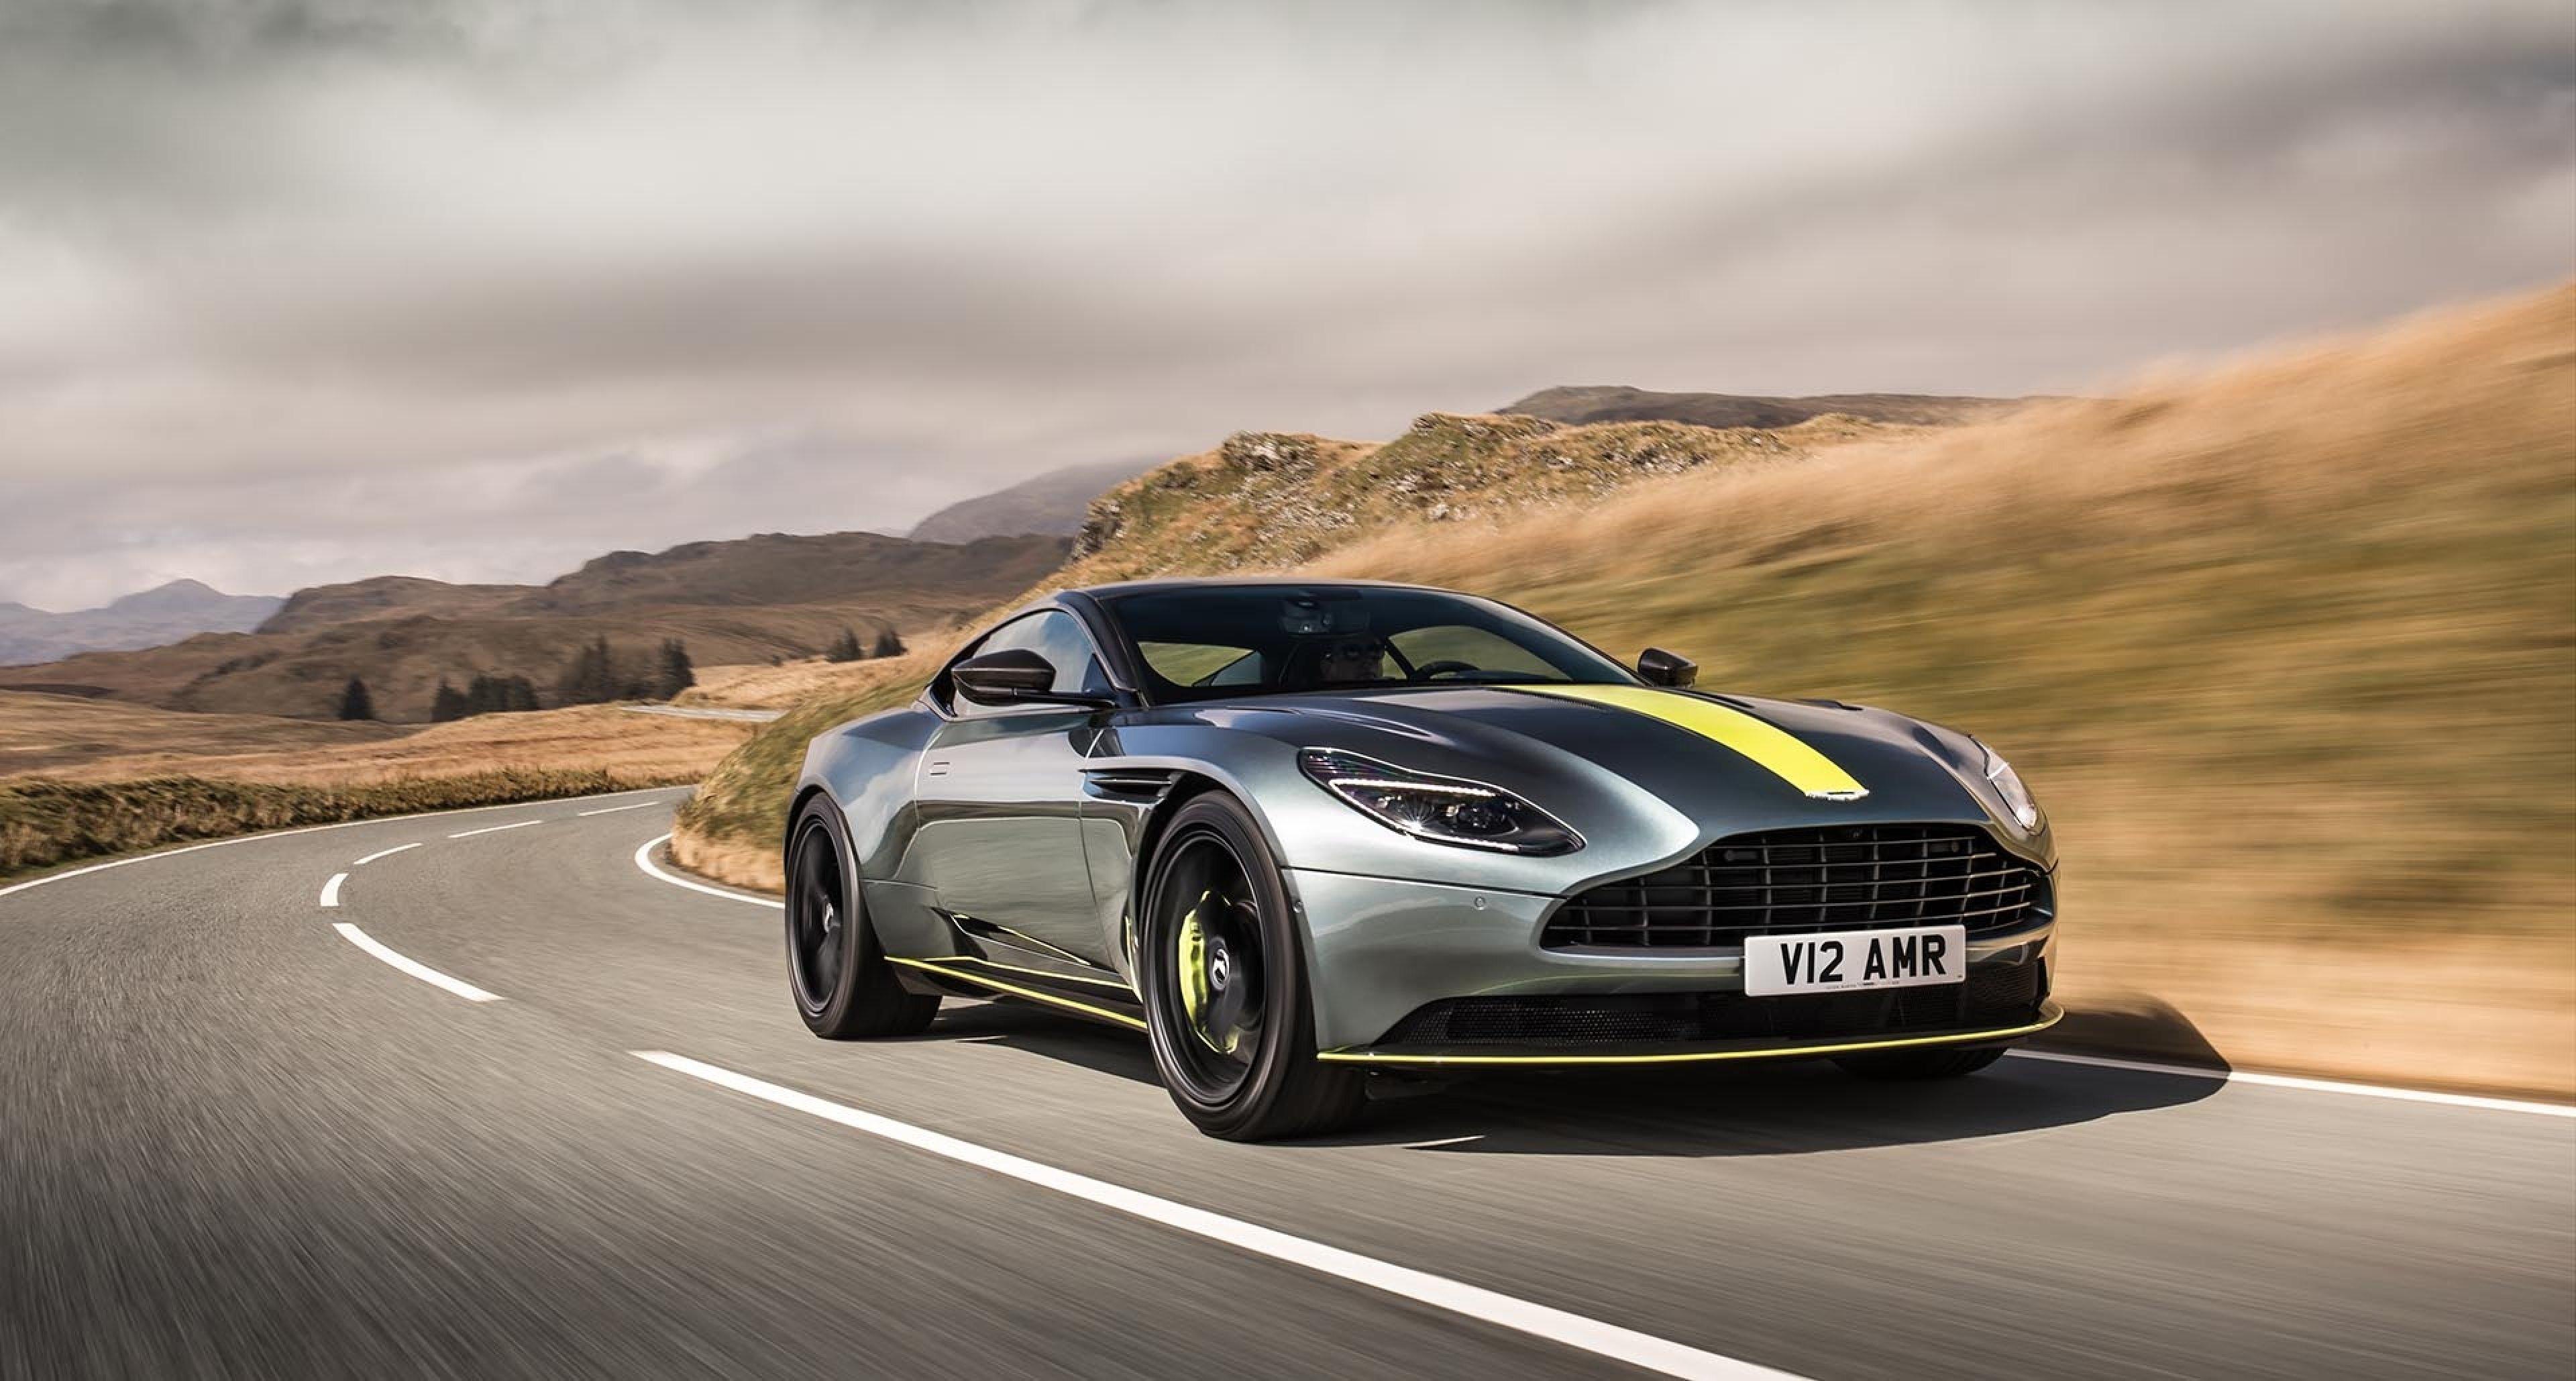 Aston Martins Neuer Db11 Amr Debütiert In Der Grünen Hölle Classic Driver Magazine